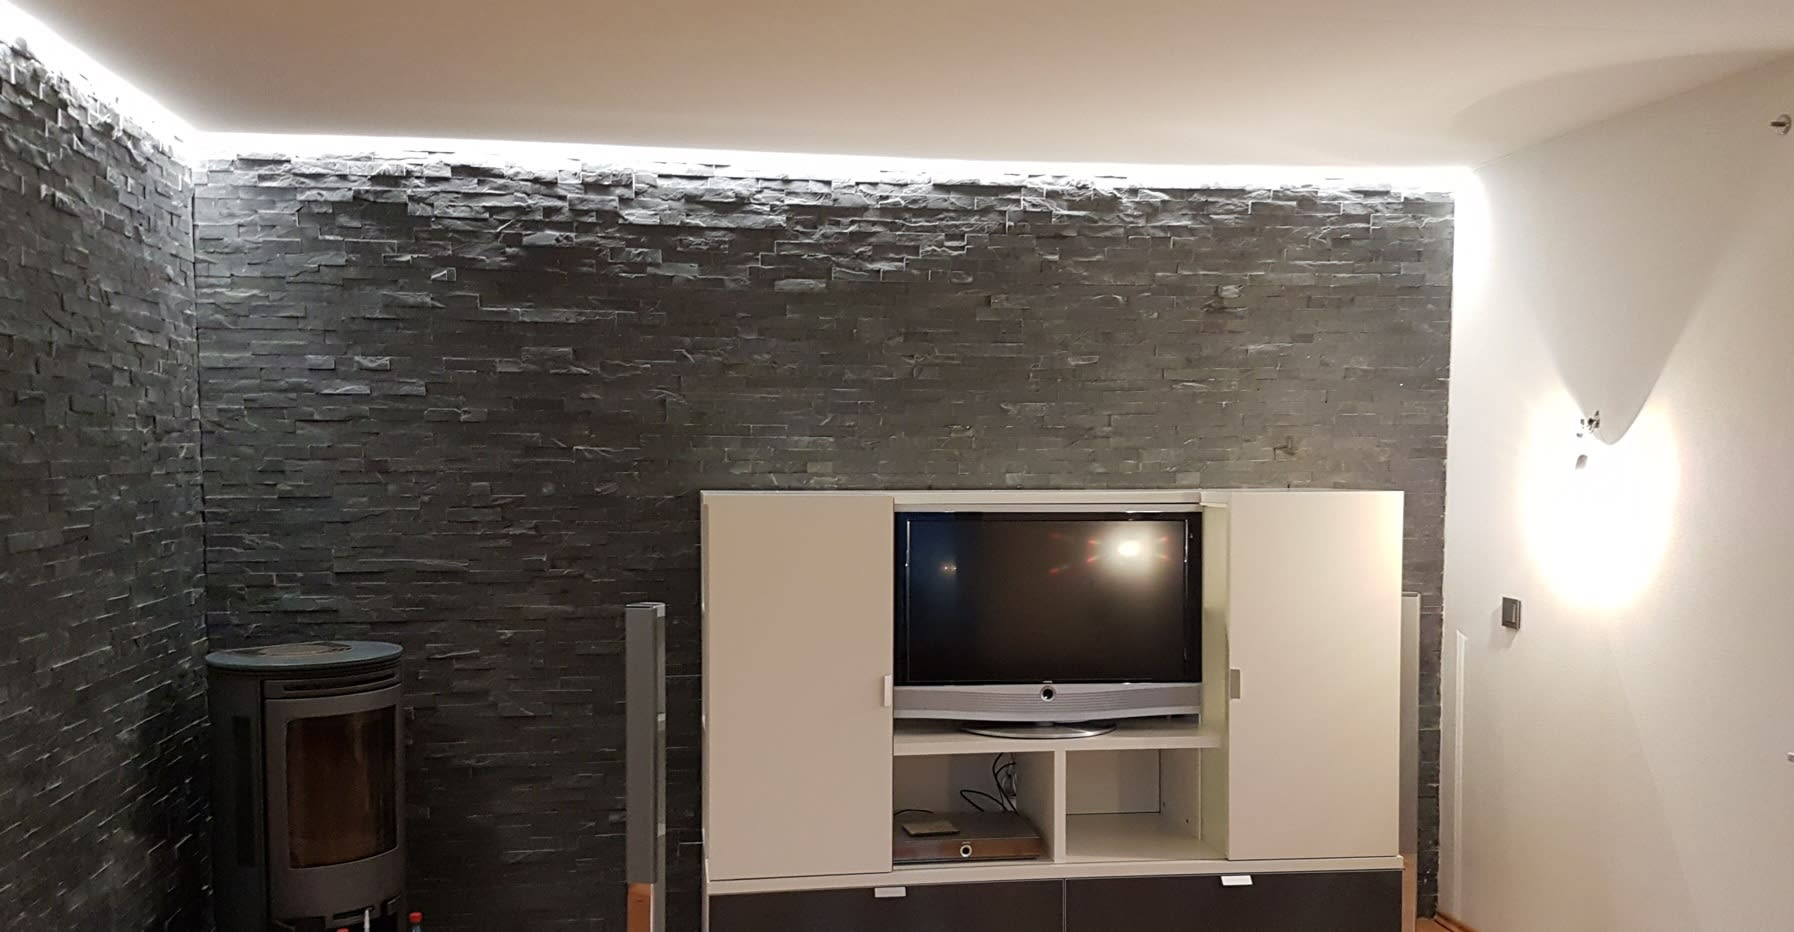 Gerber Spanndecken weiße Decken und Wände im Wohnzimmer mit Fernseher